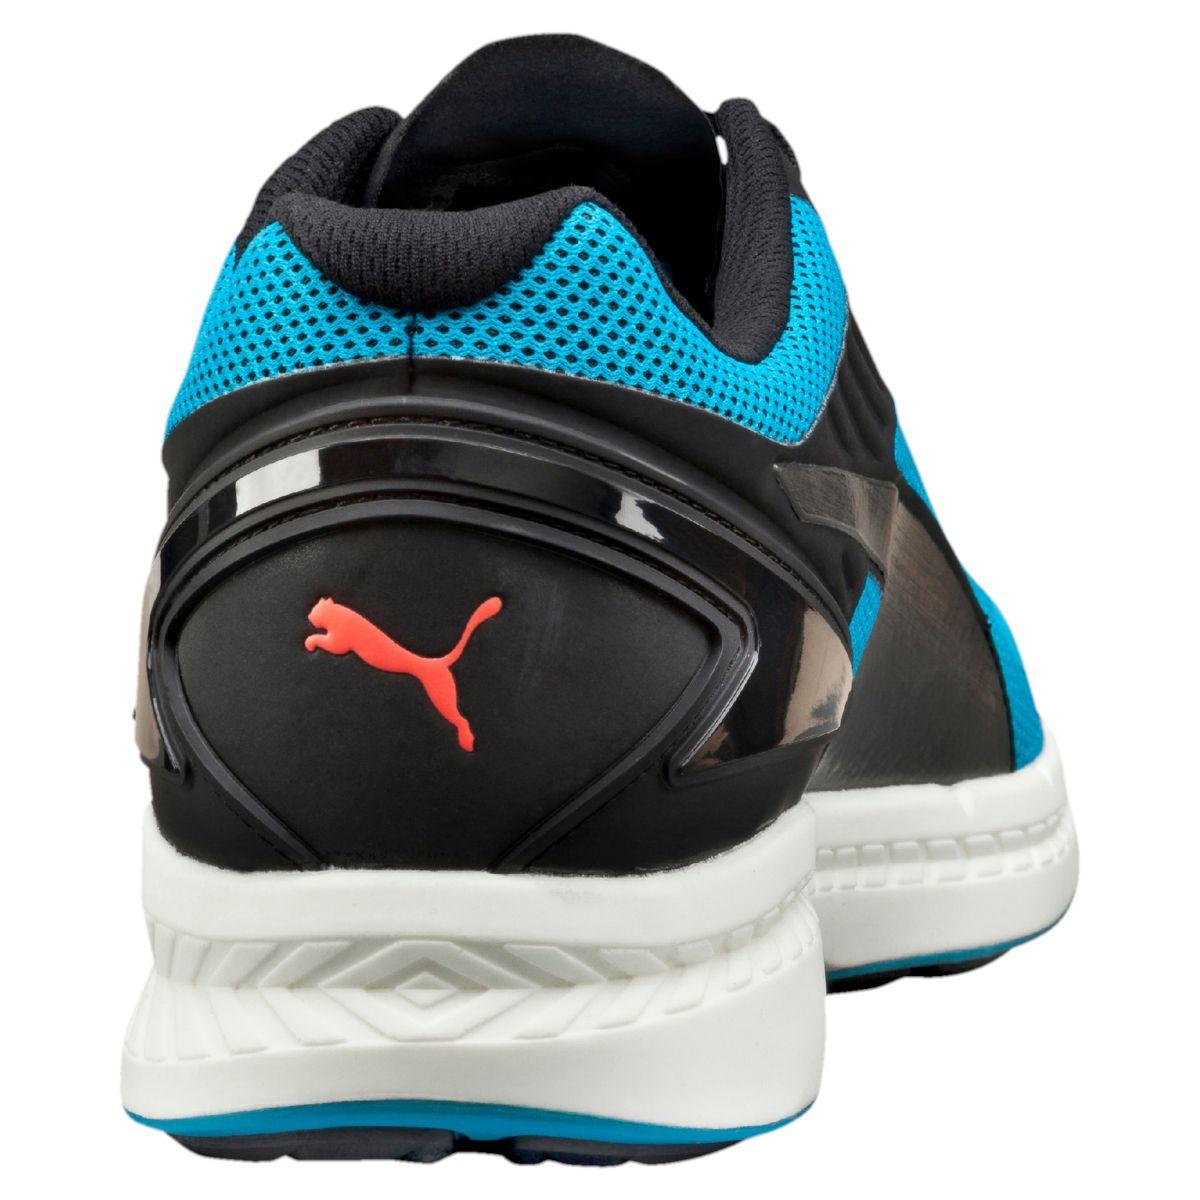 Puma Ignite V2 Mens Running Shoes - Sweatband.com